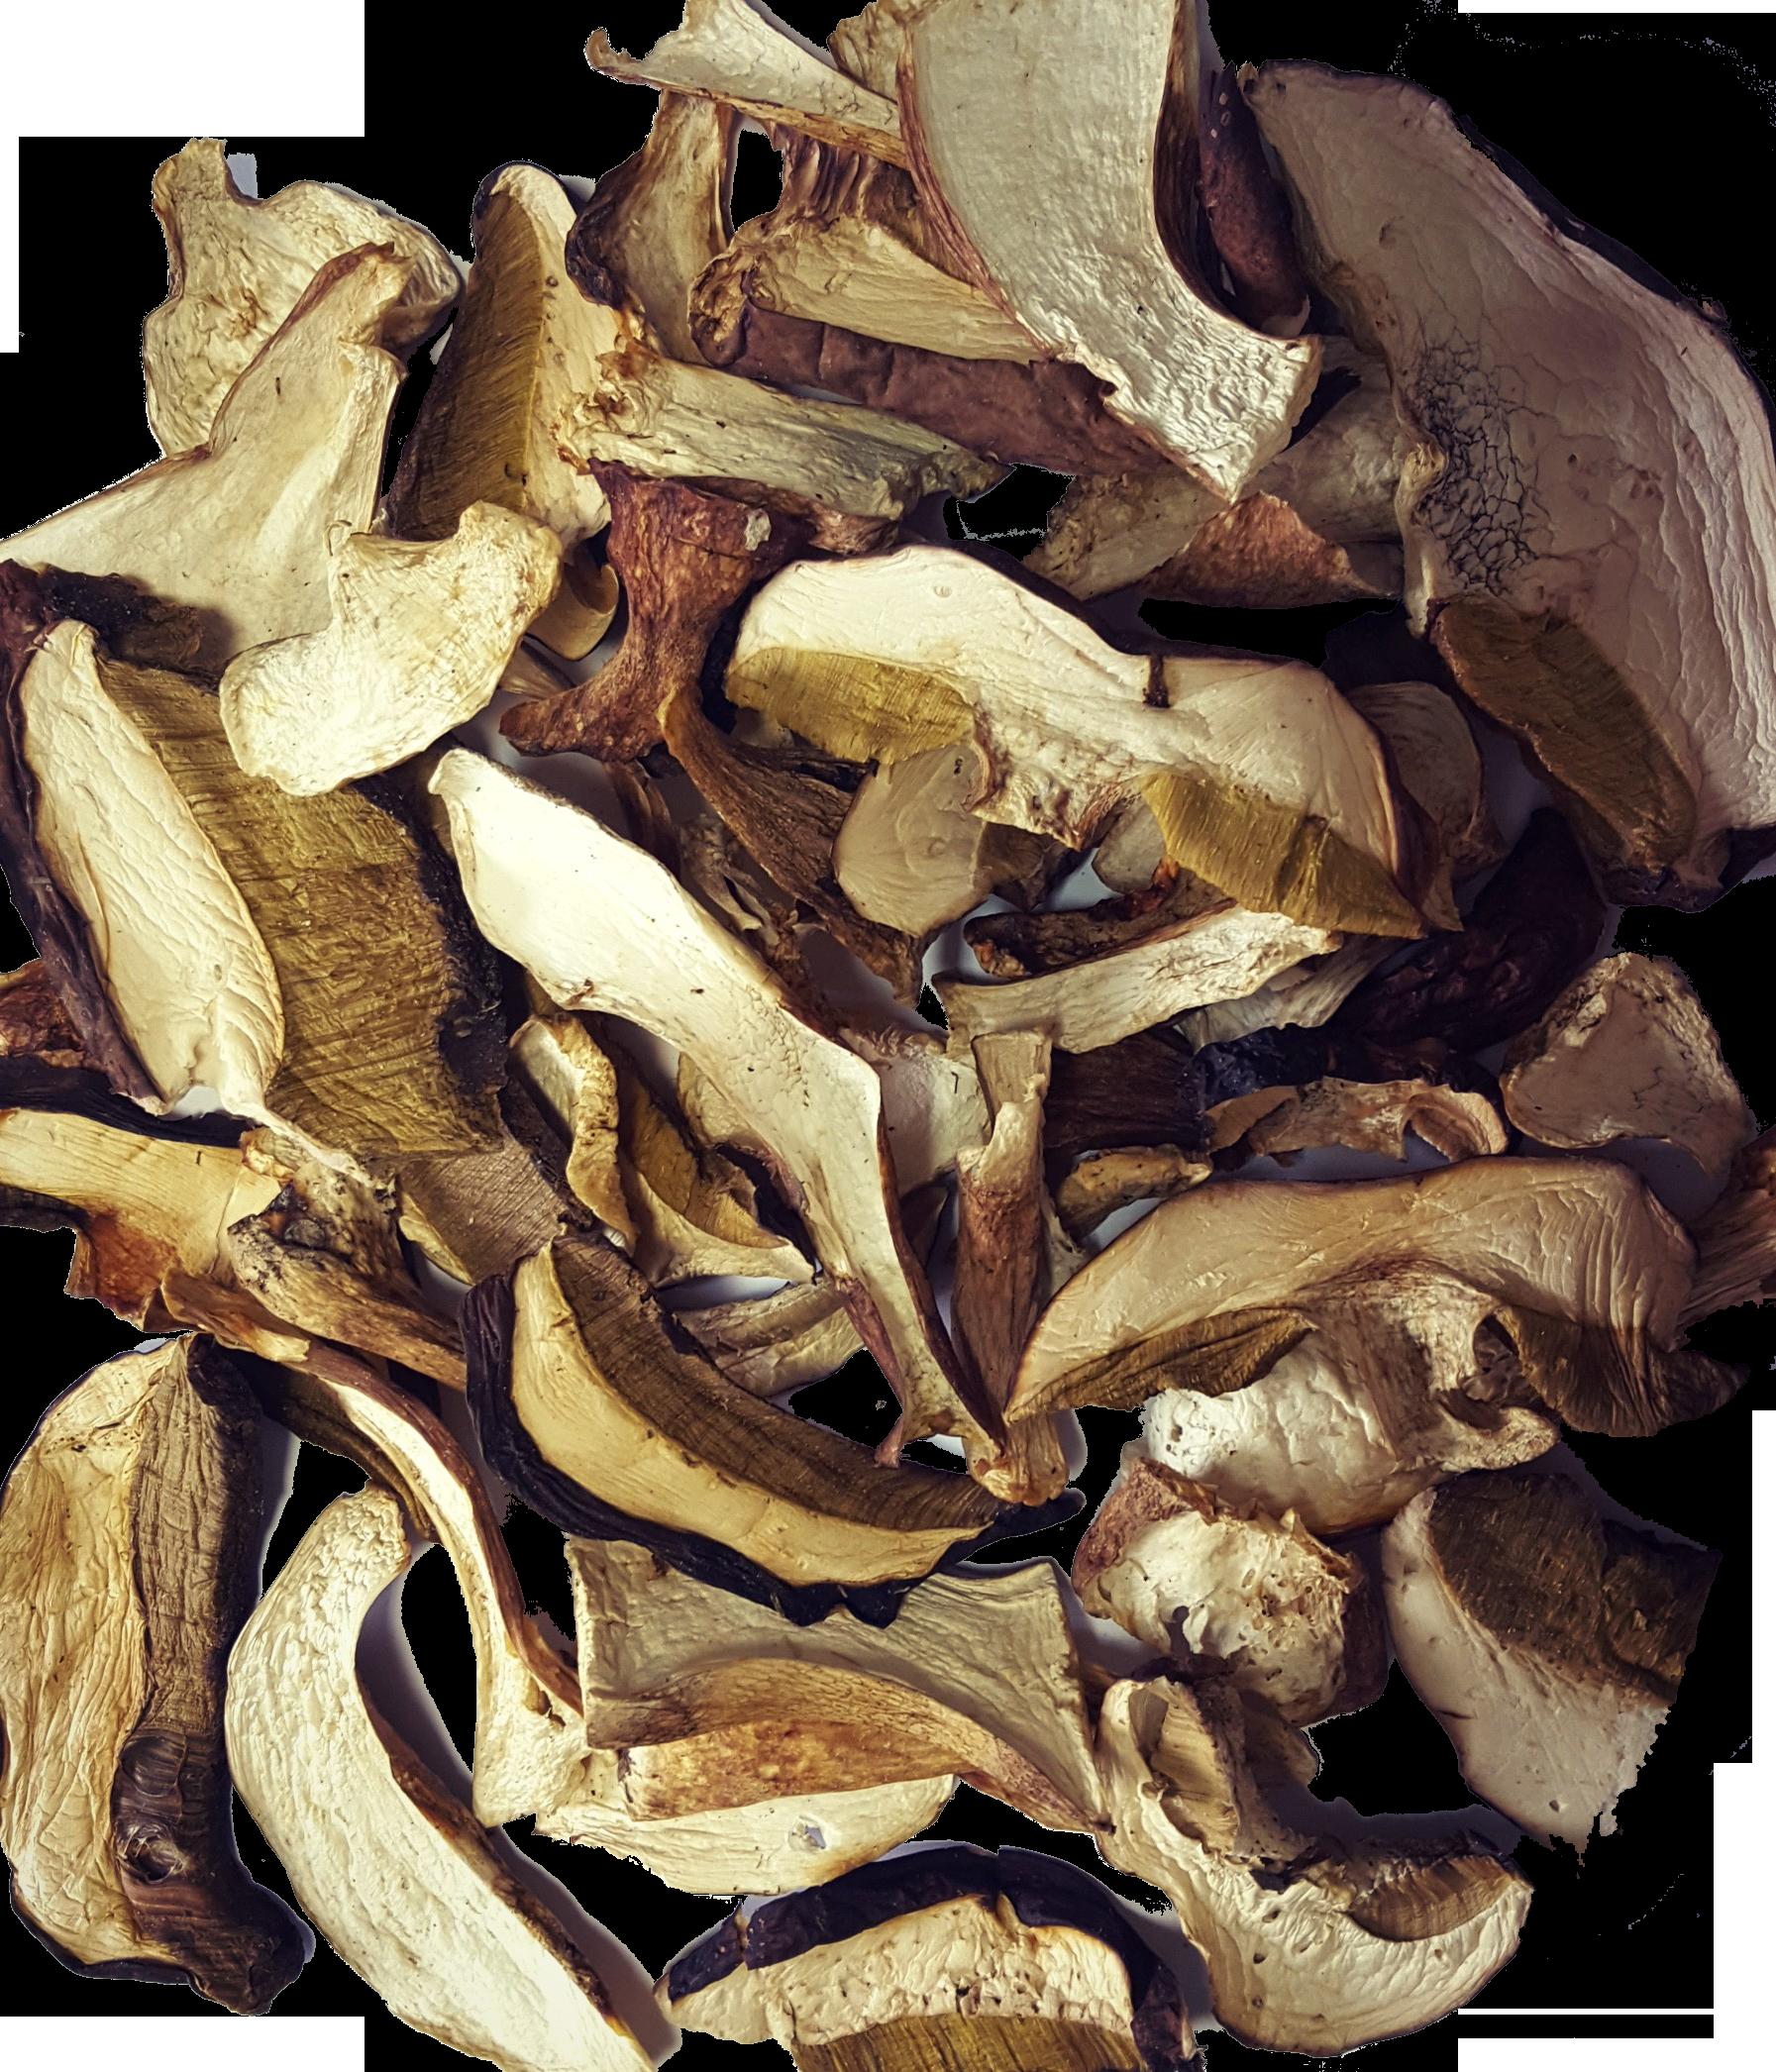 белые грибы как сушить с картинками японии снимают обувь